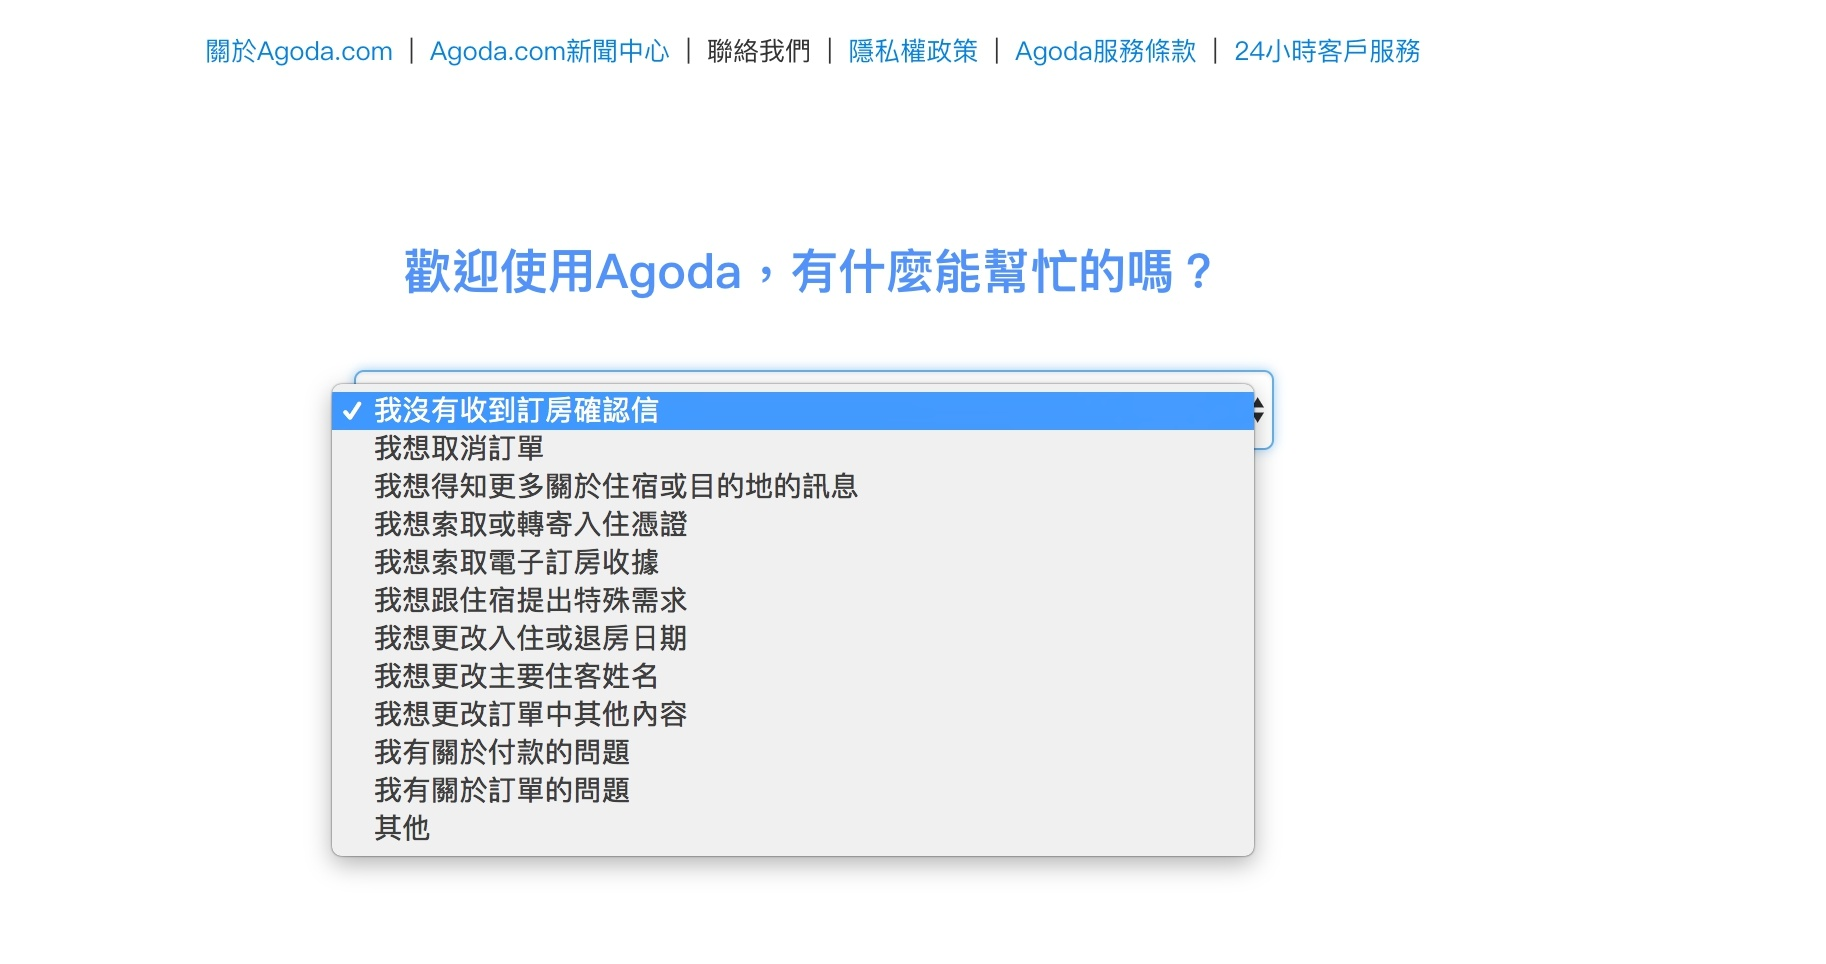 Agoda訂房國際海外刷卡手續費如何申請退費補償?